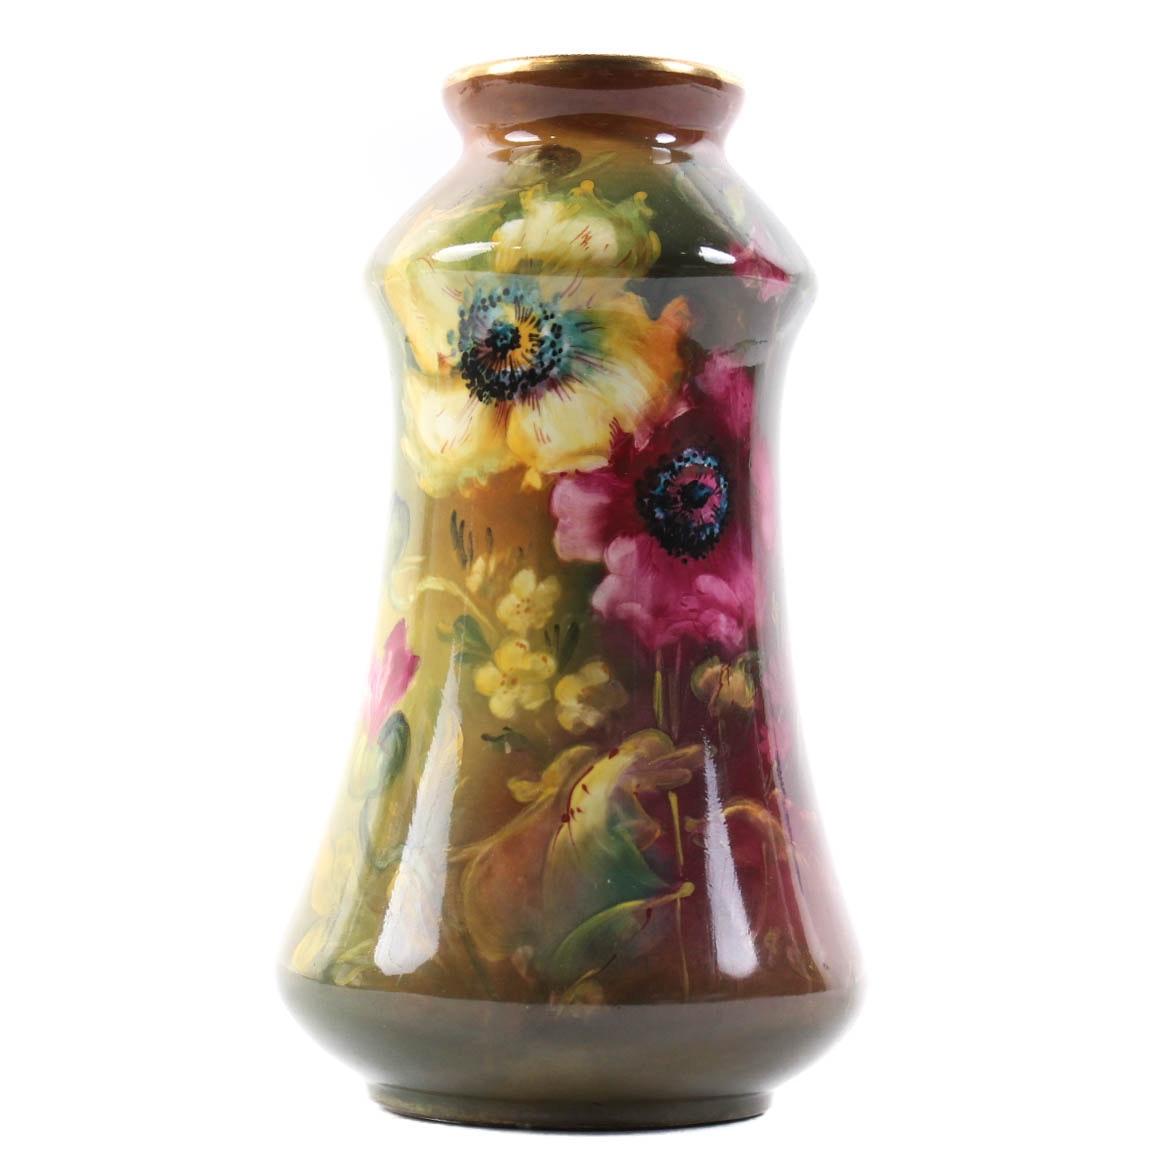 Antique Hand-Painted Royal Bonn Vase